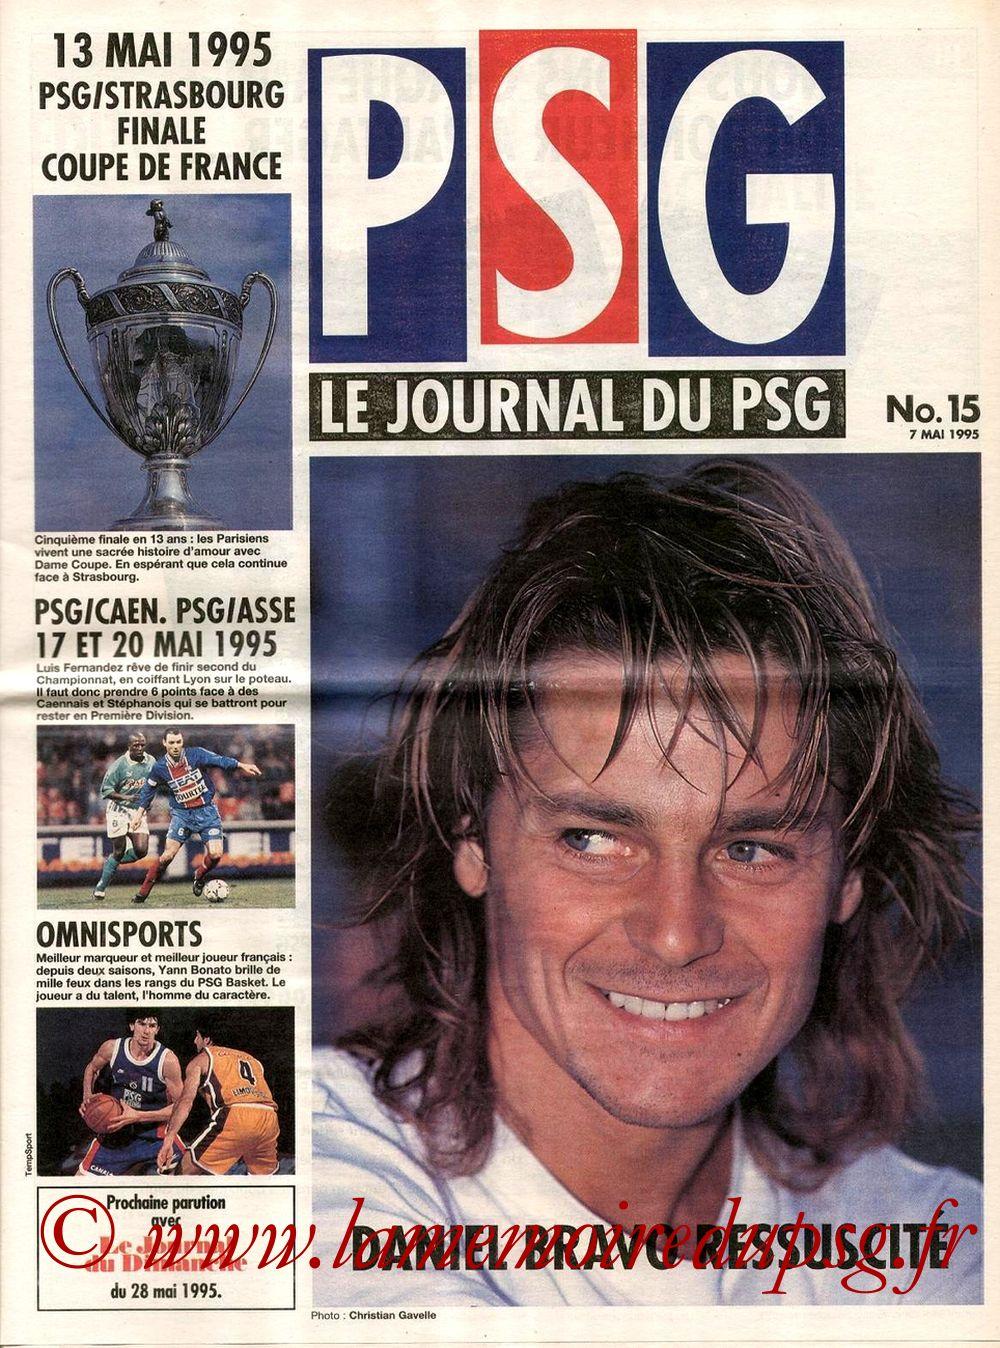 1995-05-17  PSG-Caen (29ème D1, match en retard, Le journal du PSG N°15)